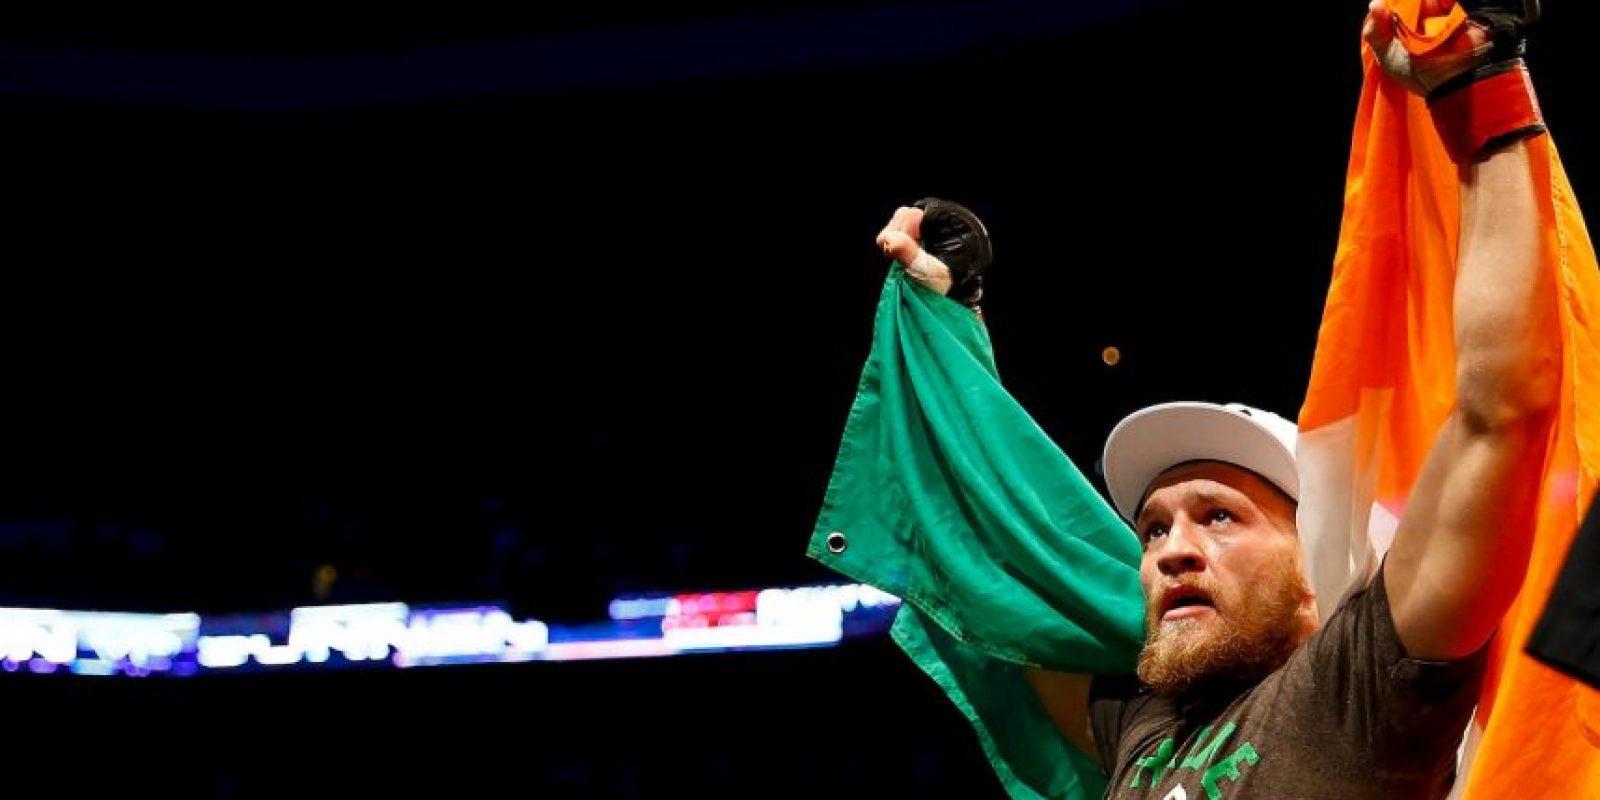 En su última pelea, McGregor derrotó a José Aldo con impresionante nocaut en sólo 13 segundos. Foto:Getty Images